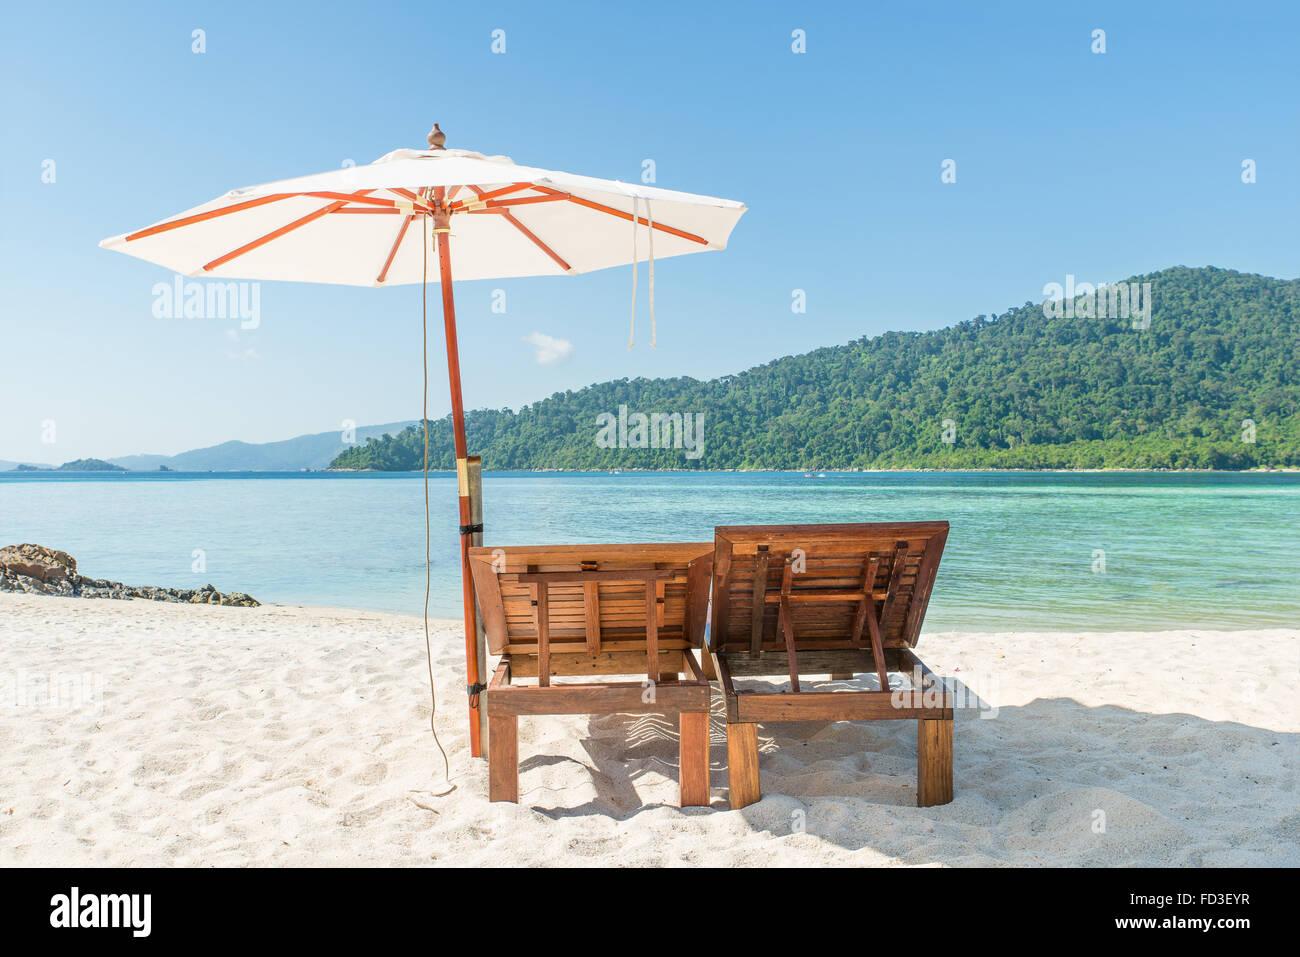 L'été, les voyages, vacances et maison de vacances concept - chaises de plage et parasol sur l'île de Phuket, Thaïlande Banque D'Images